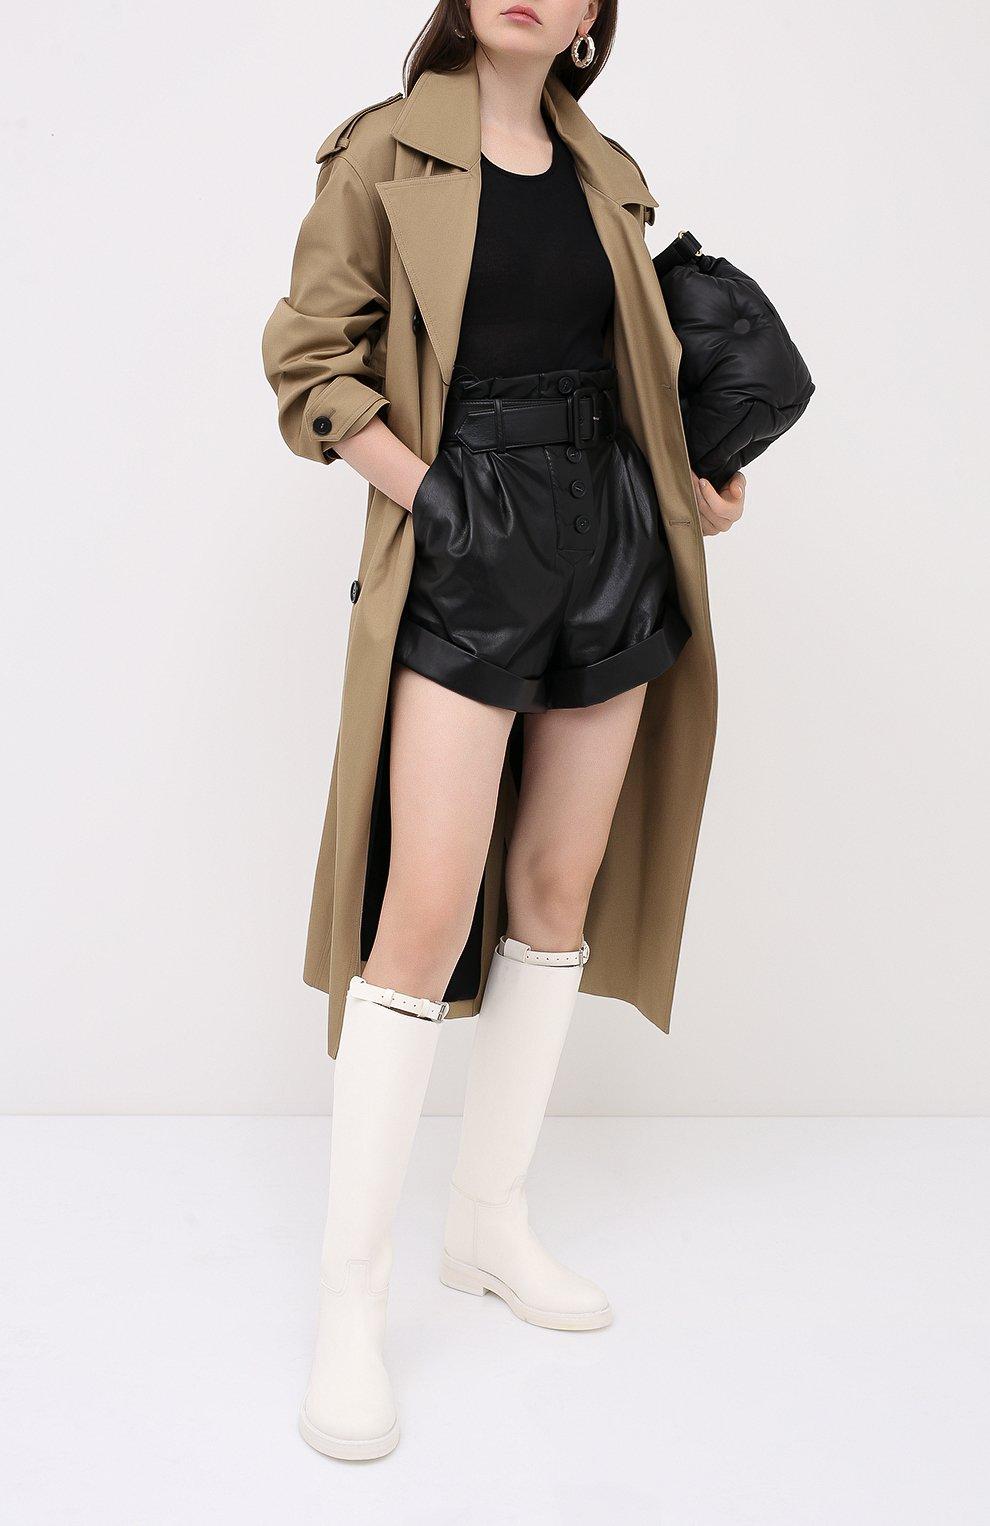 Женские шорты с поясом SELF-PORTRAIT черного цвета, арт. PF20-135   Фото 2 (Женское Кросс-КТ: Шорты-одежда; Длина Ж (юбки, платья, шорты): Мини; Материал внешний: Синтетический материал; Материал подклада: Синтетический материал; Стили: Кэжуэл)